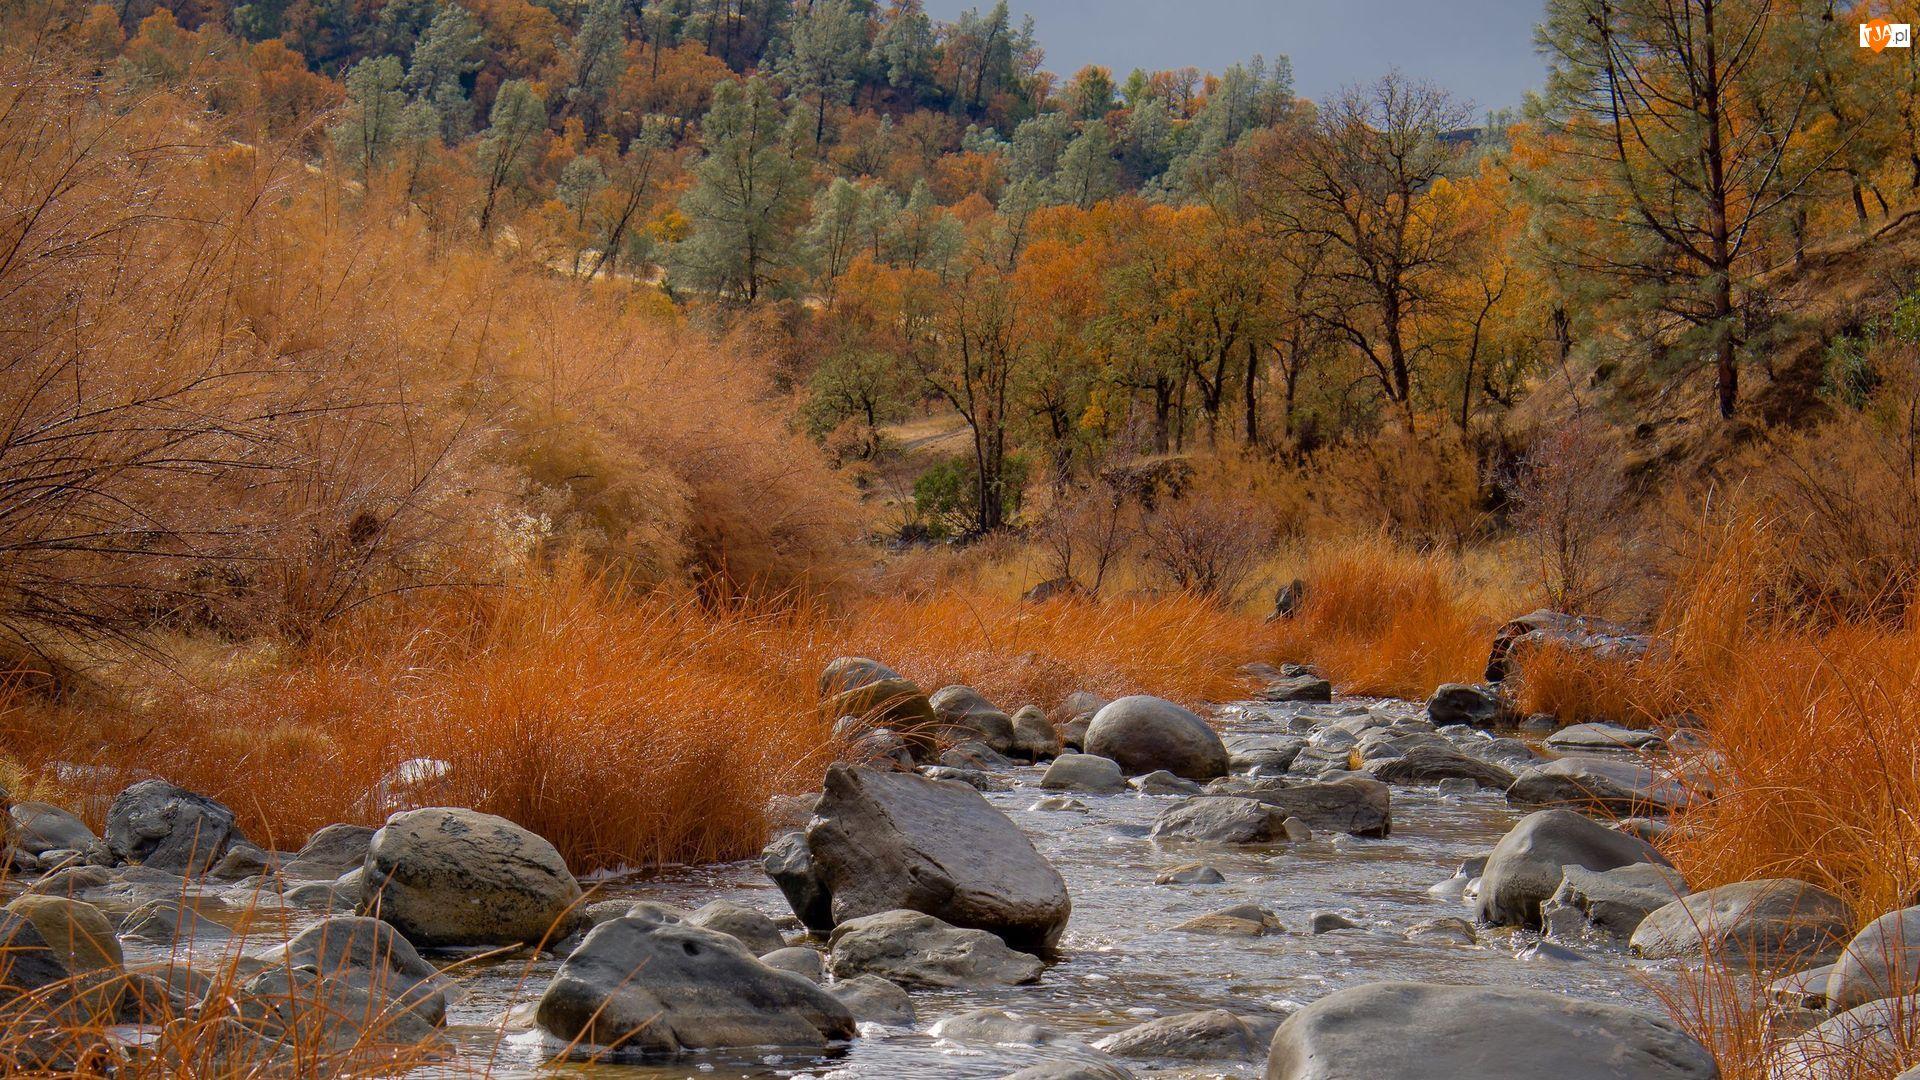 Kamienie, Drzewa, Jesień, Rzeka, Trawa, Krzewy, Pożółkłe